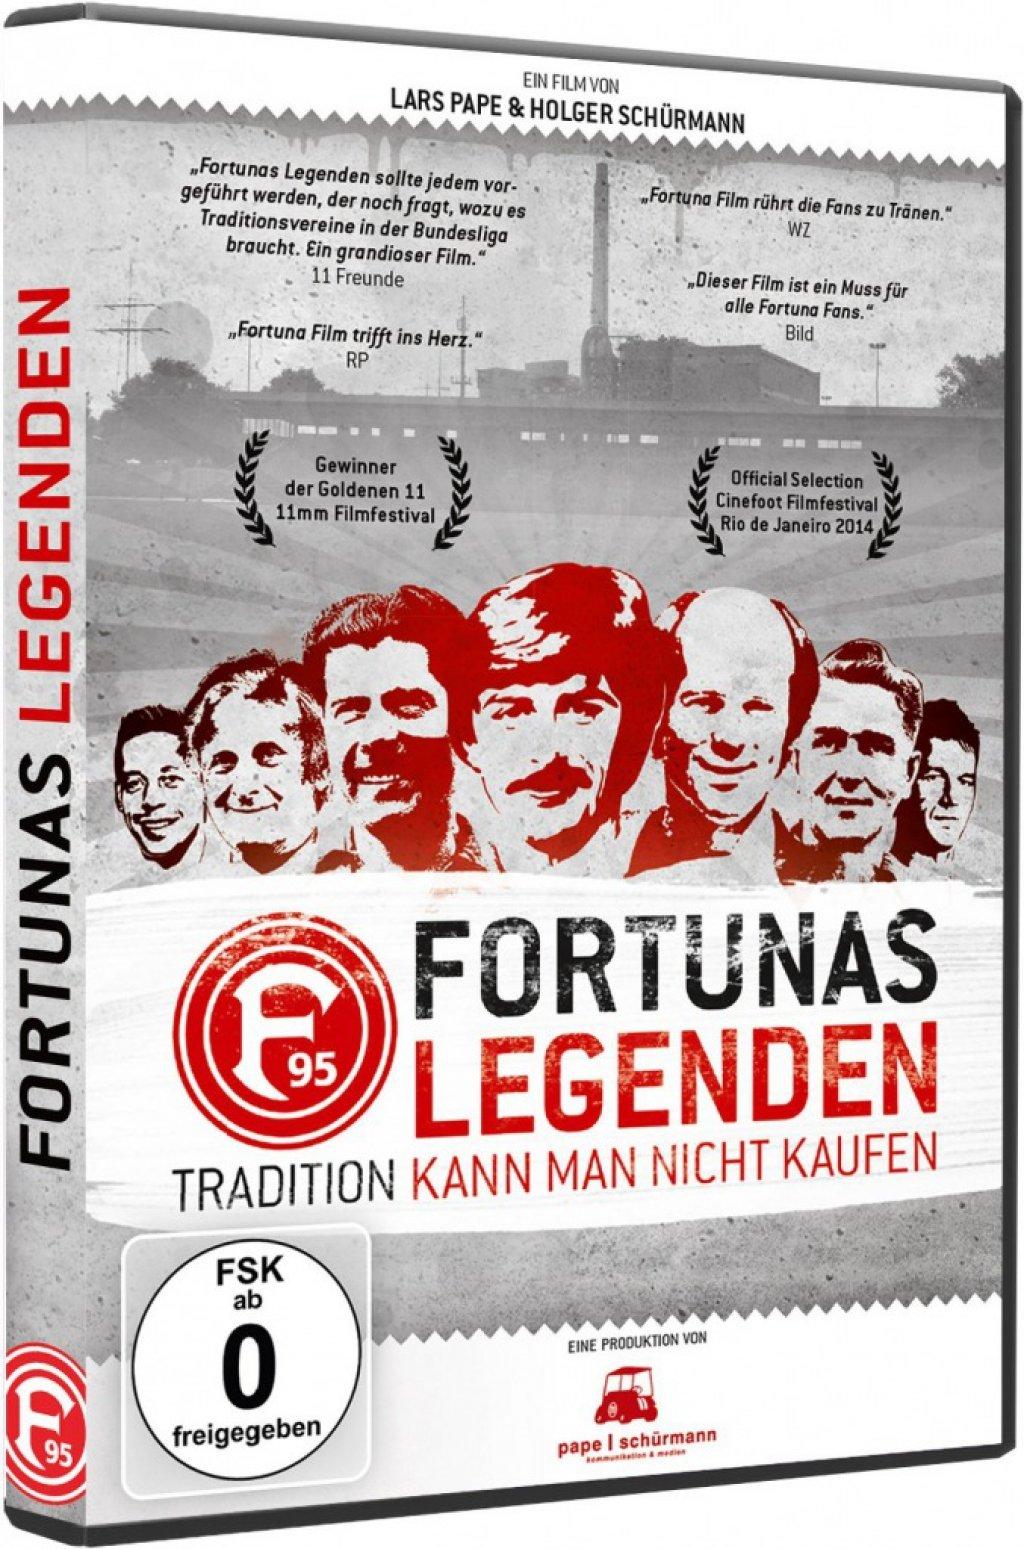 Fortunas Legenden - Tradition kann man nicht kaufen (DVD)